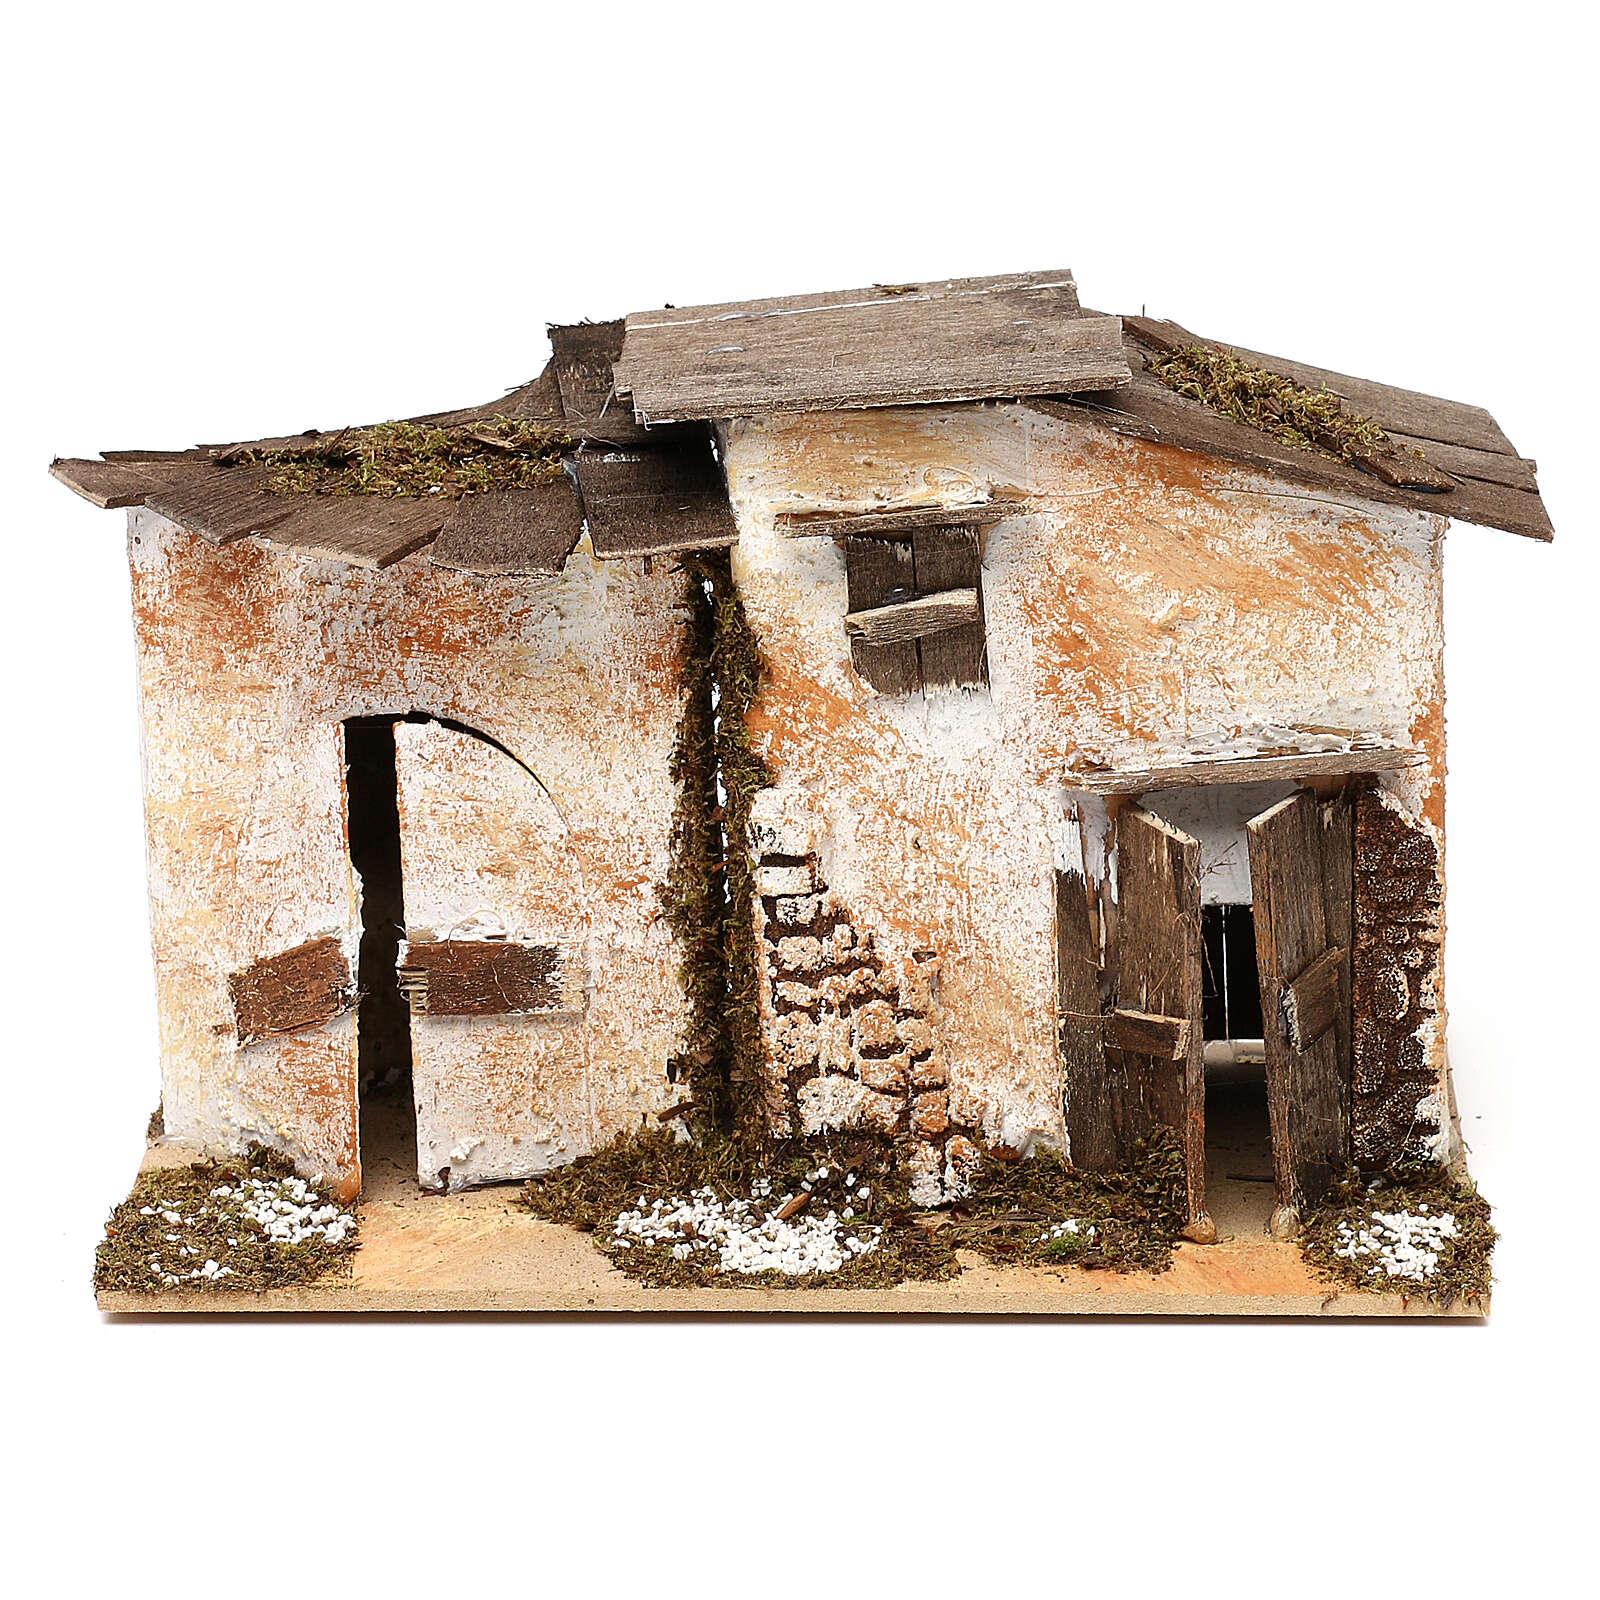 Haus im rustikalen Stil mit zwei Eingängen, 15x20x15 cm 4